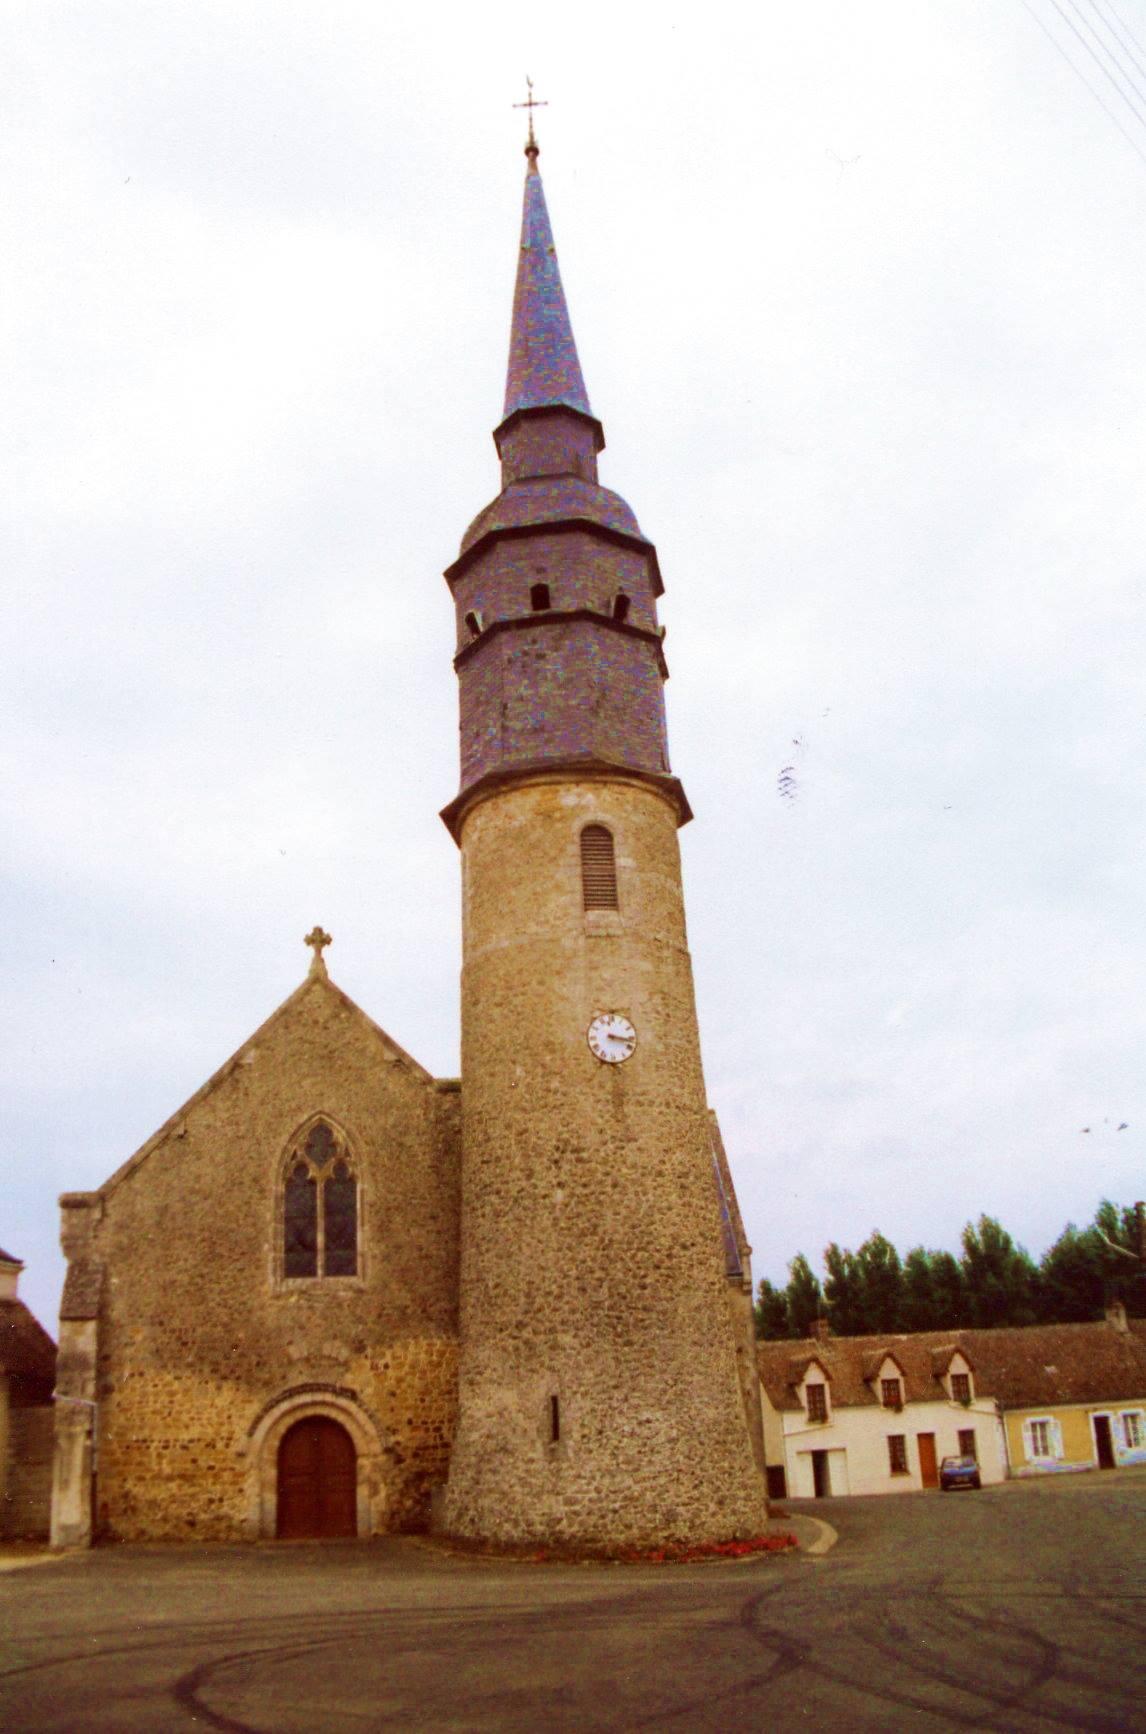 Congé sur Orne - Eglise Notre Dame et Sainte Marie Madeleine (Camille Chauvet)